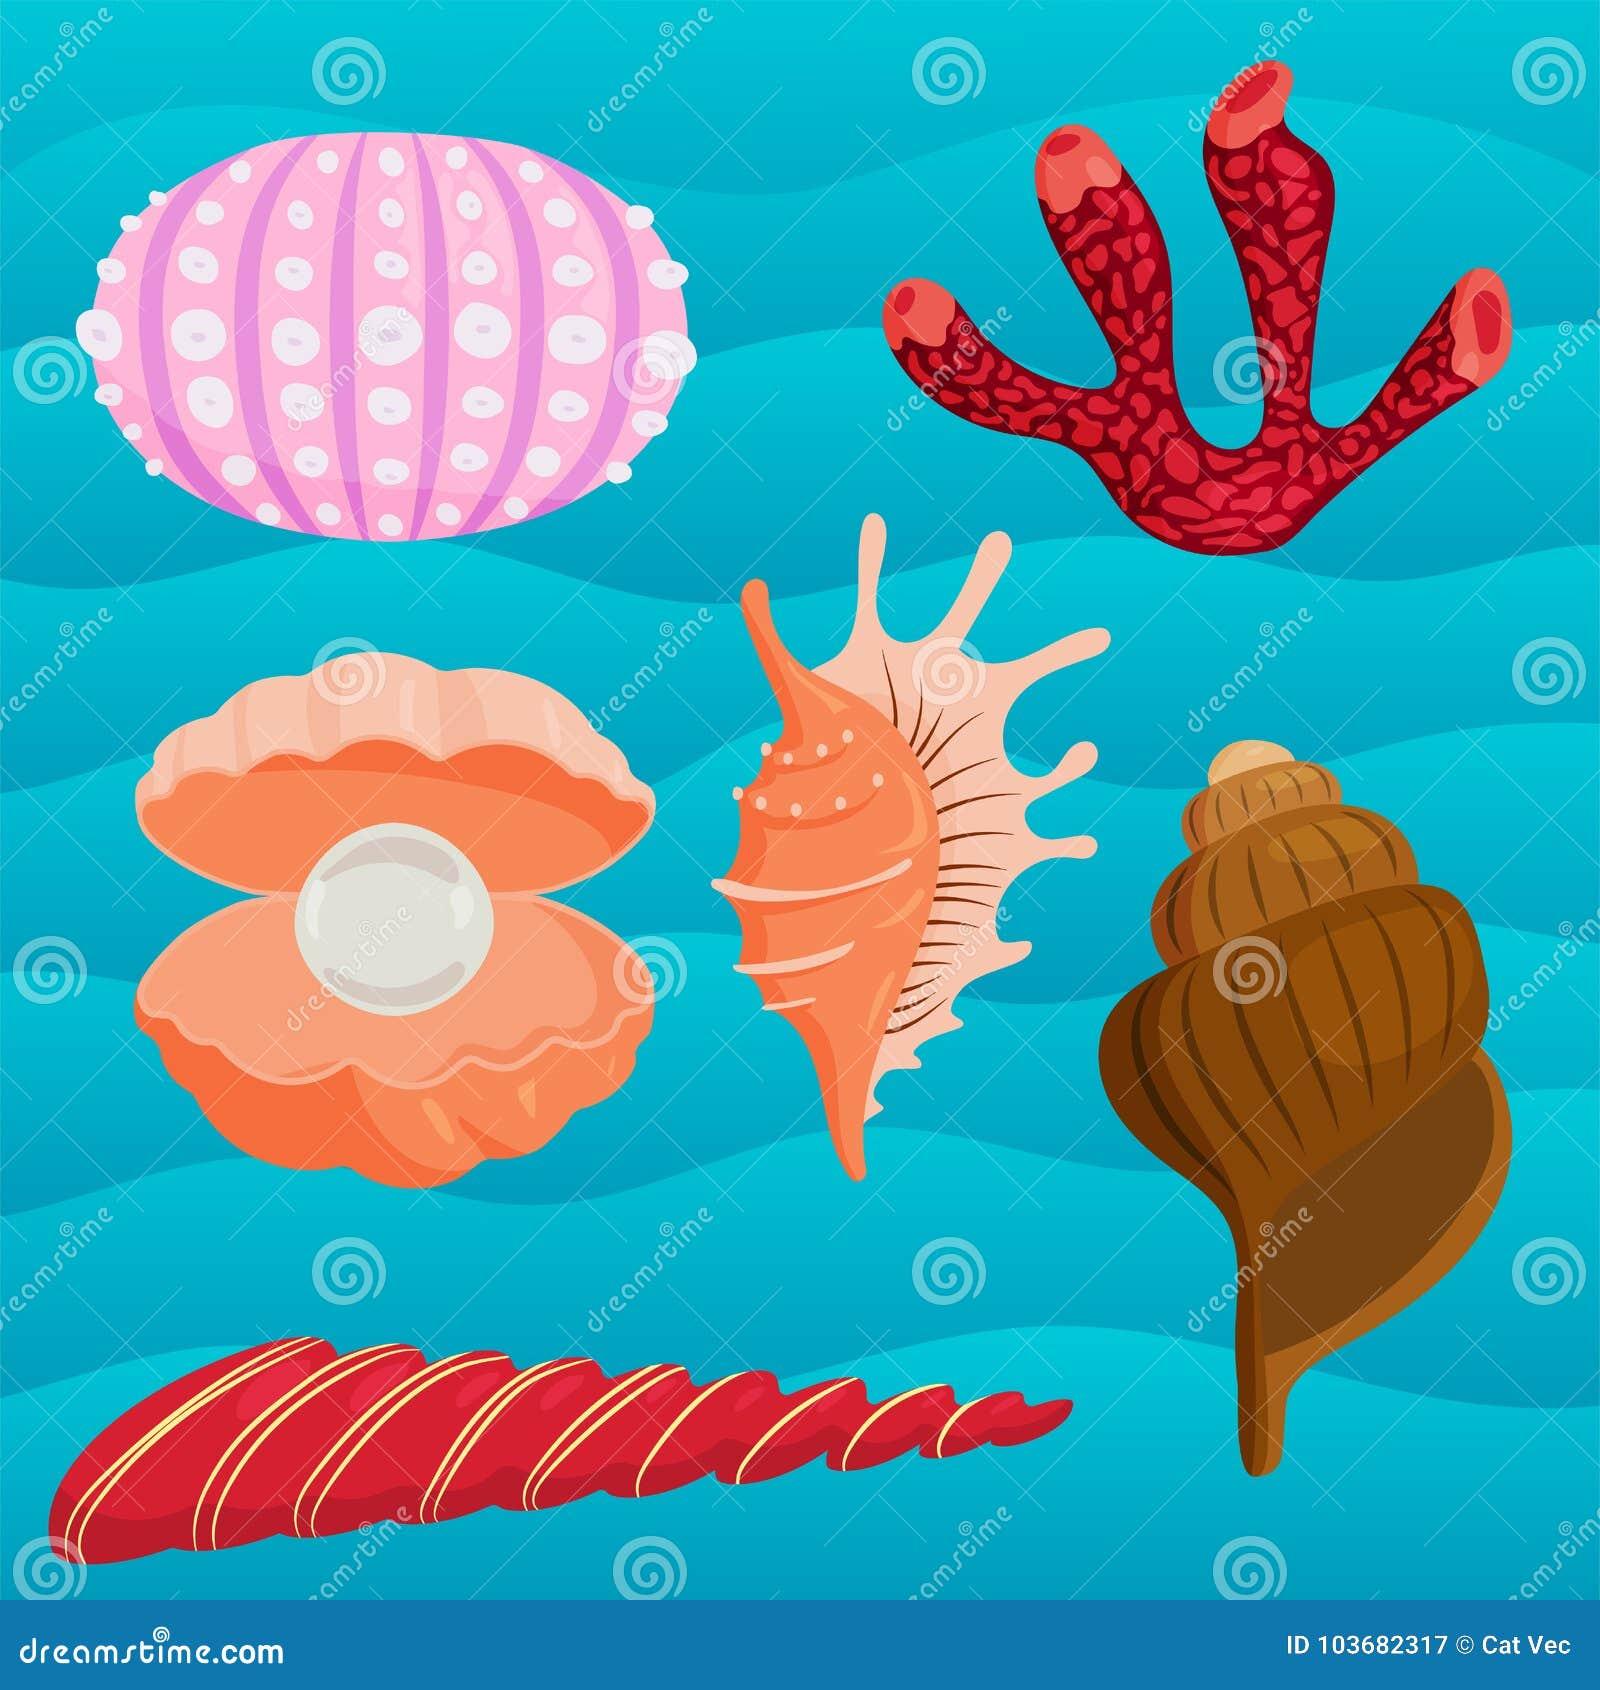 Morze łuska morską kreskówkę Shell i ocean rozgwiazdy coralline wektoru ilustrację